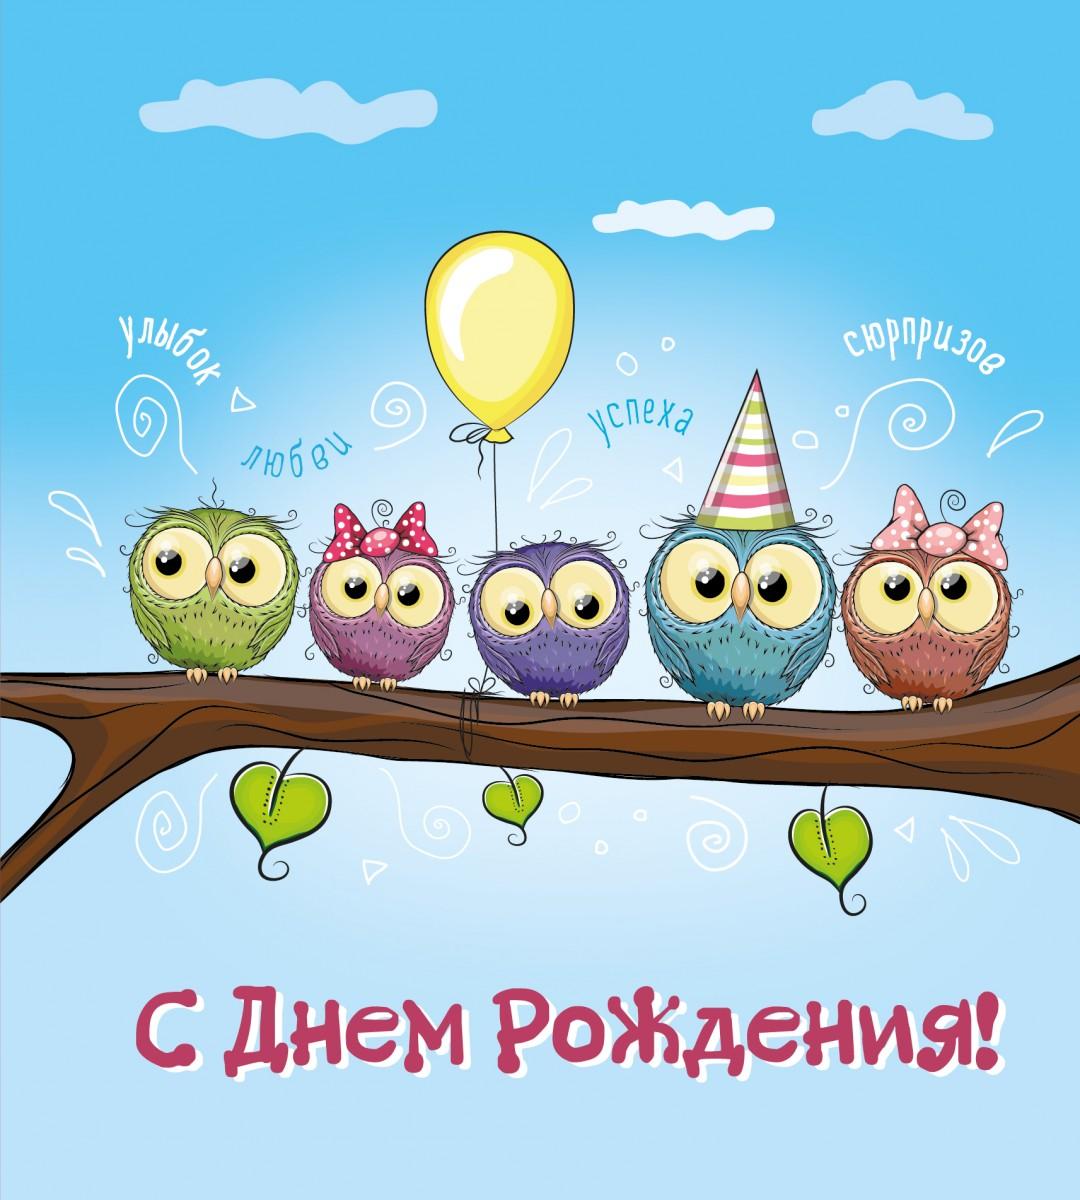 Скачать открытки с Днем Рождения женщине - красивые поздравления 12